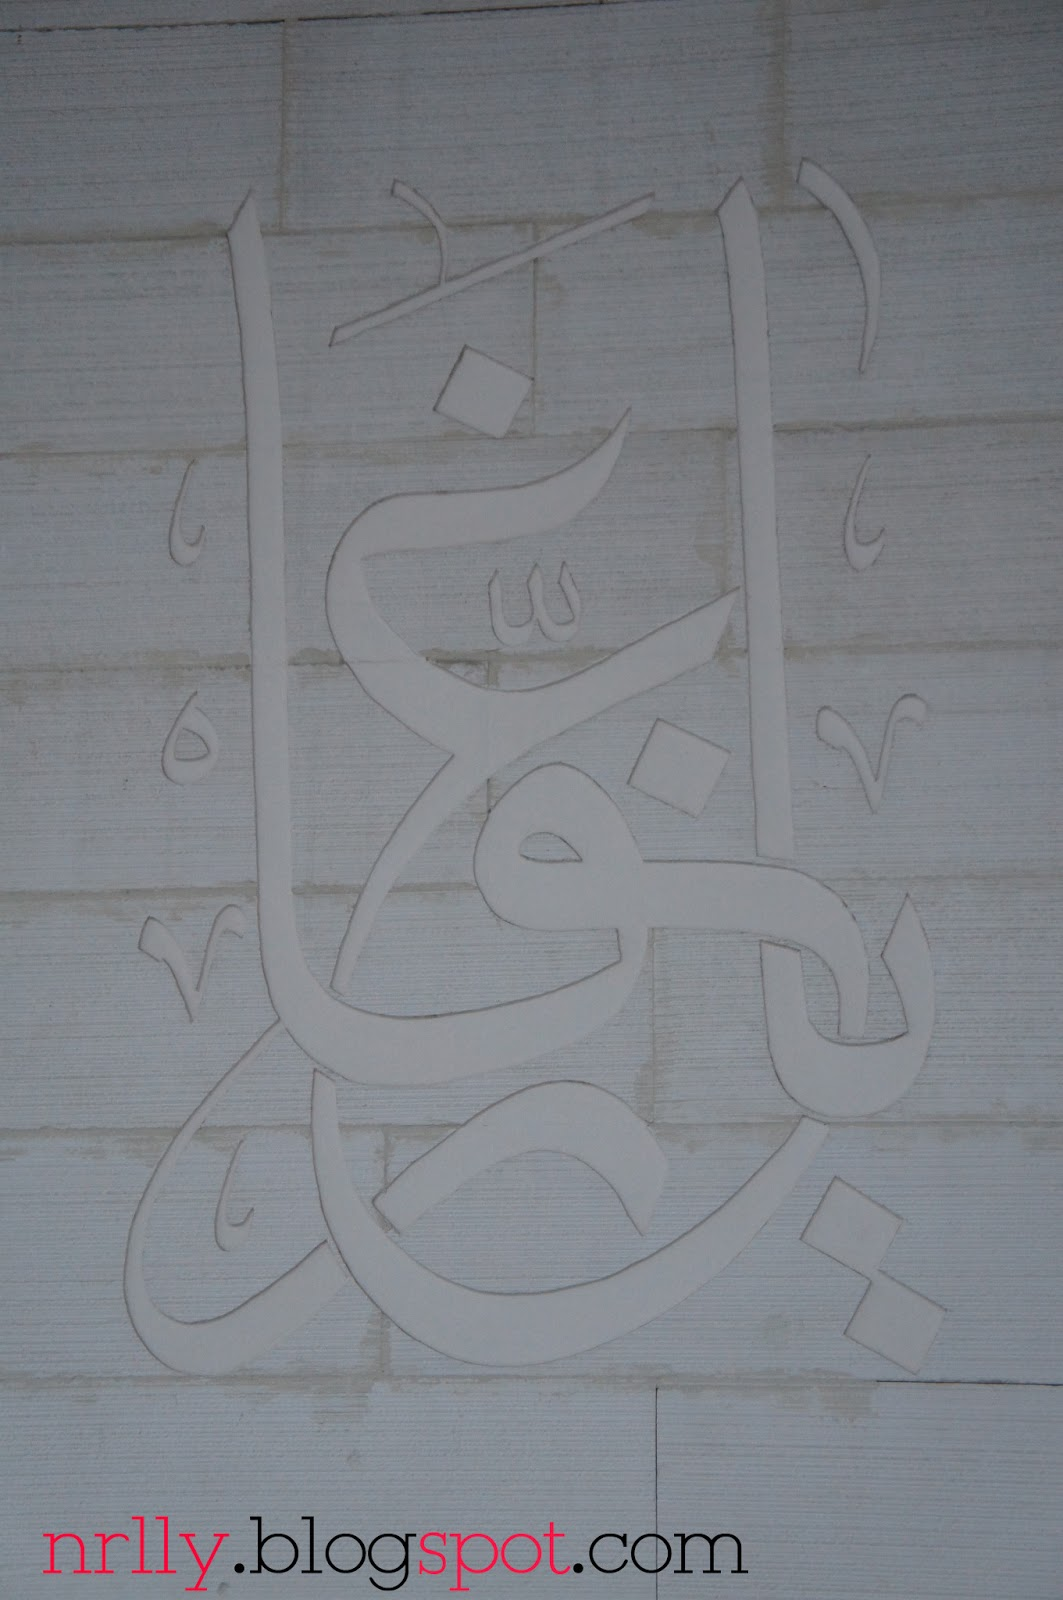 pic name